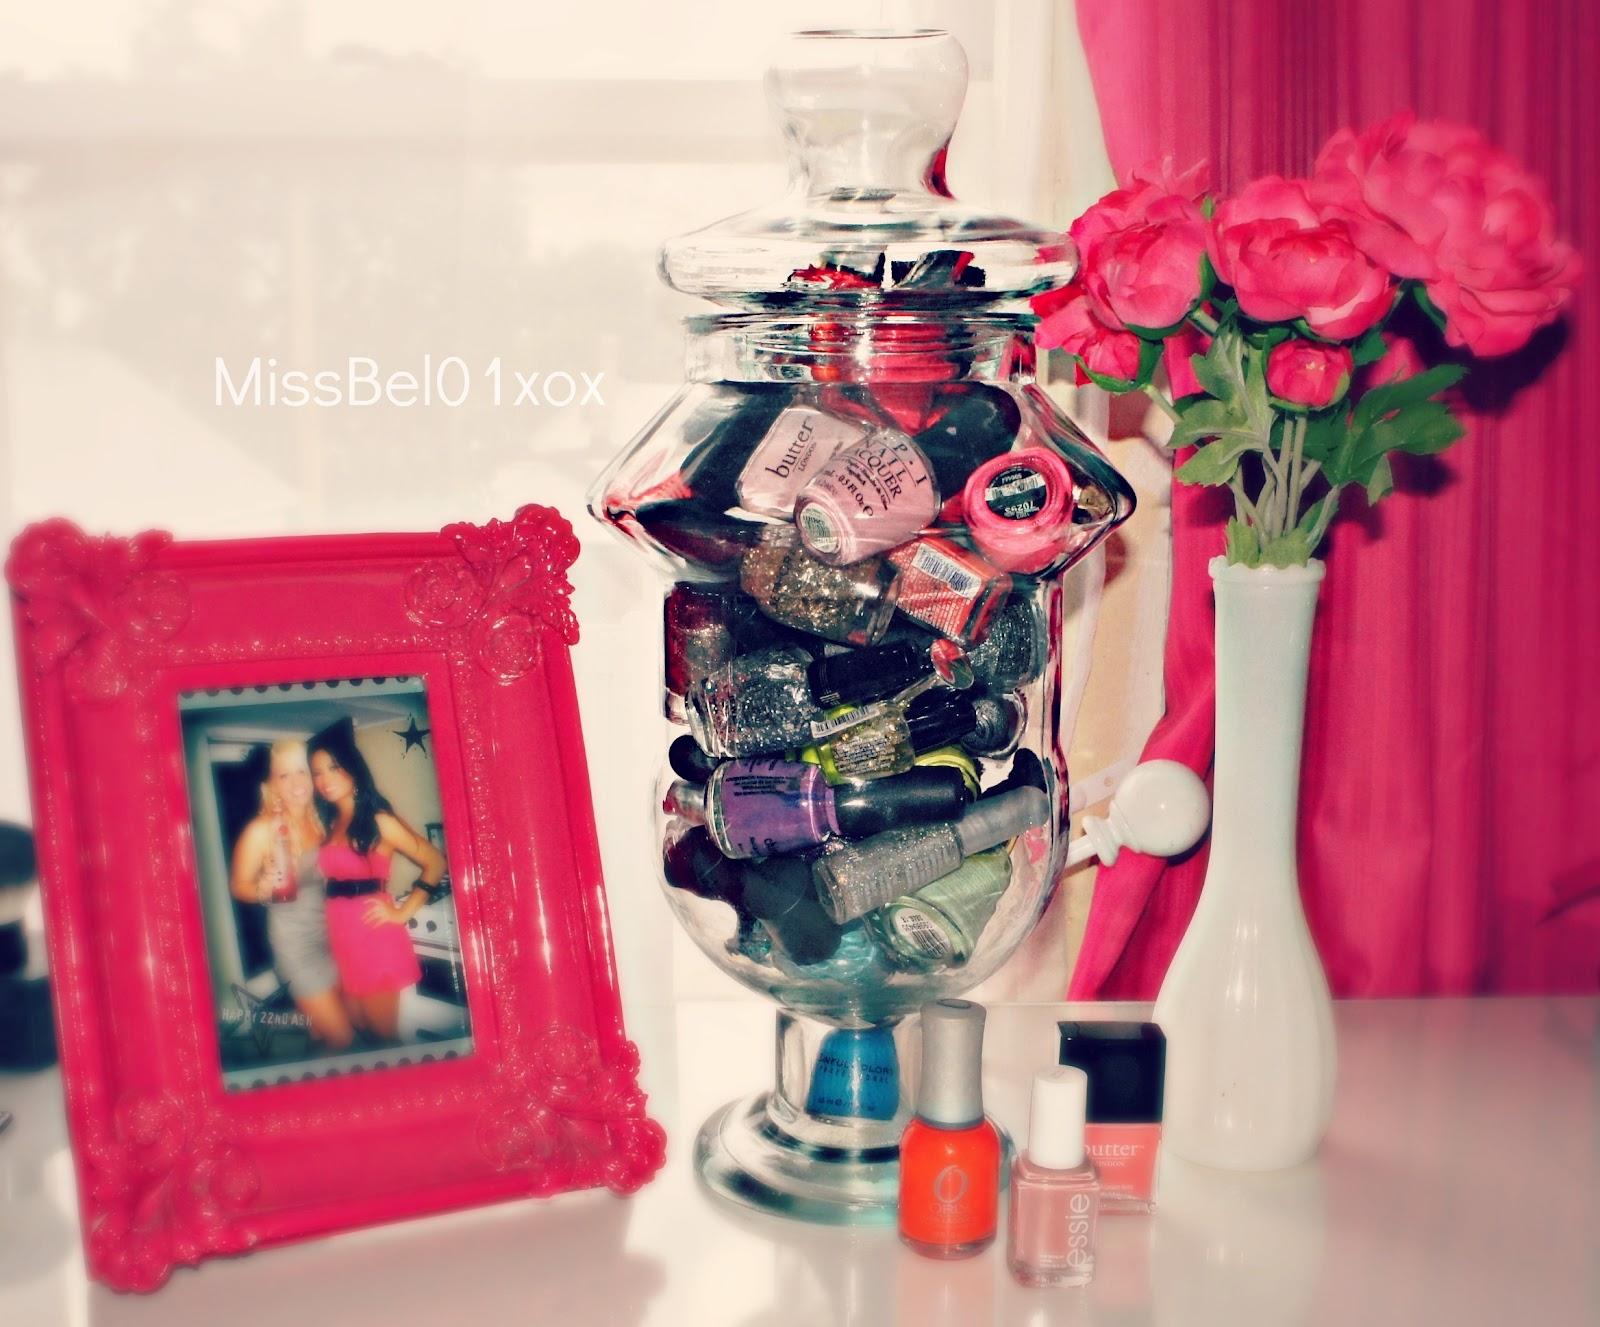 BelindaSelene Nail Polish Storage Display